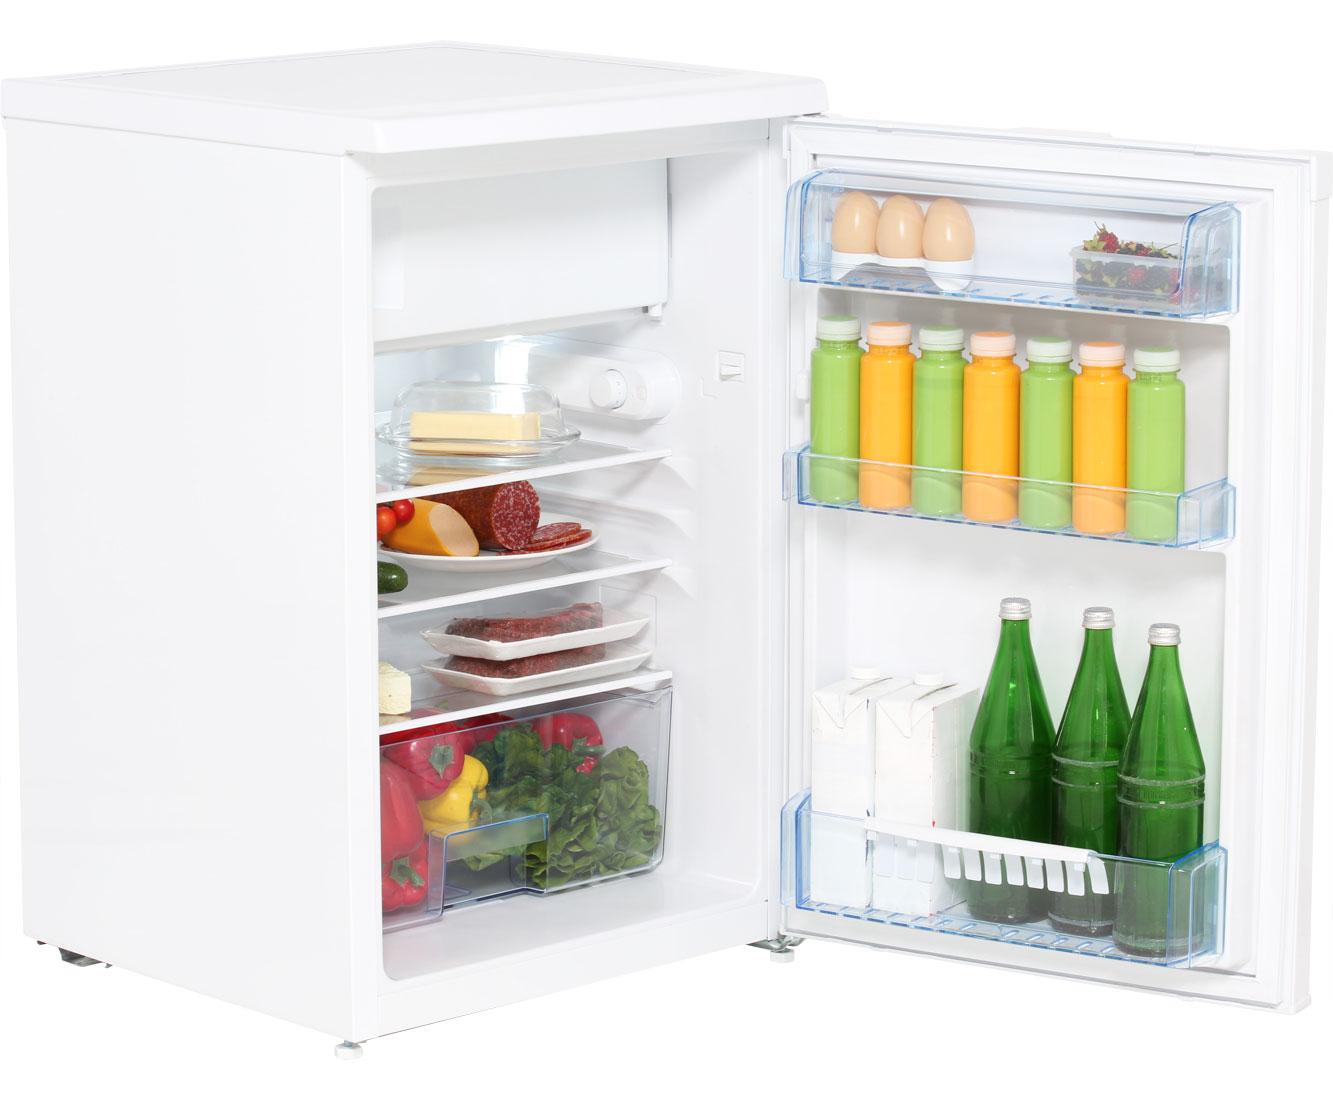 Beko TSE1284 Tisch-Kühlschrank mit Gefrierfach - Weiß, A+++